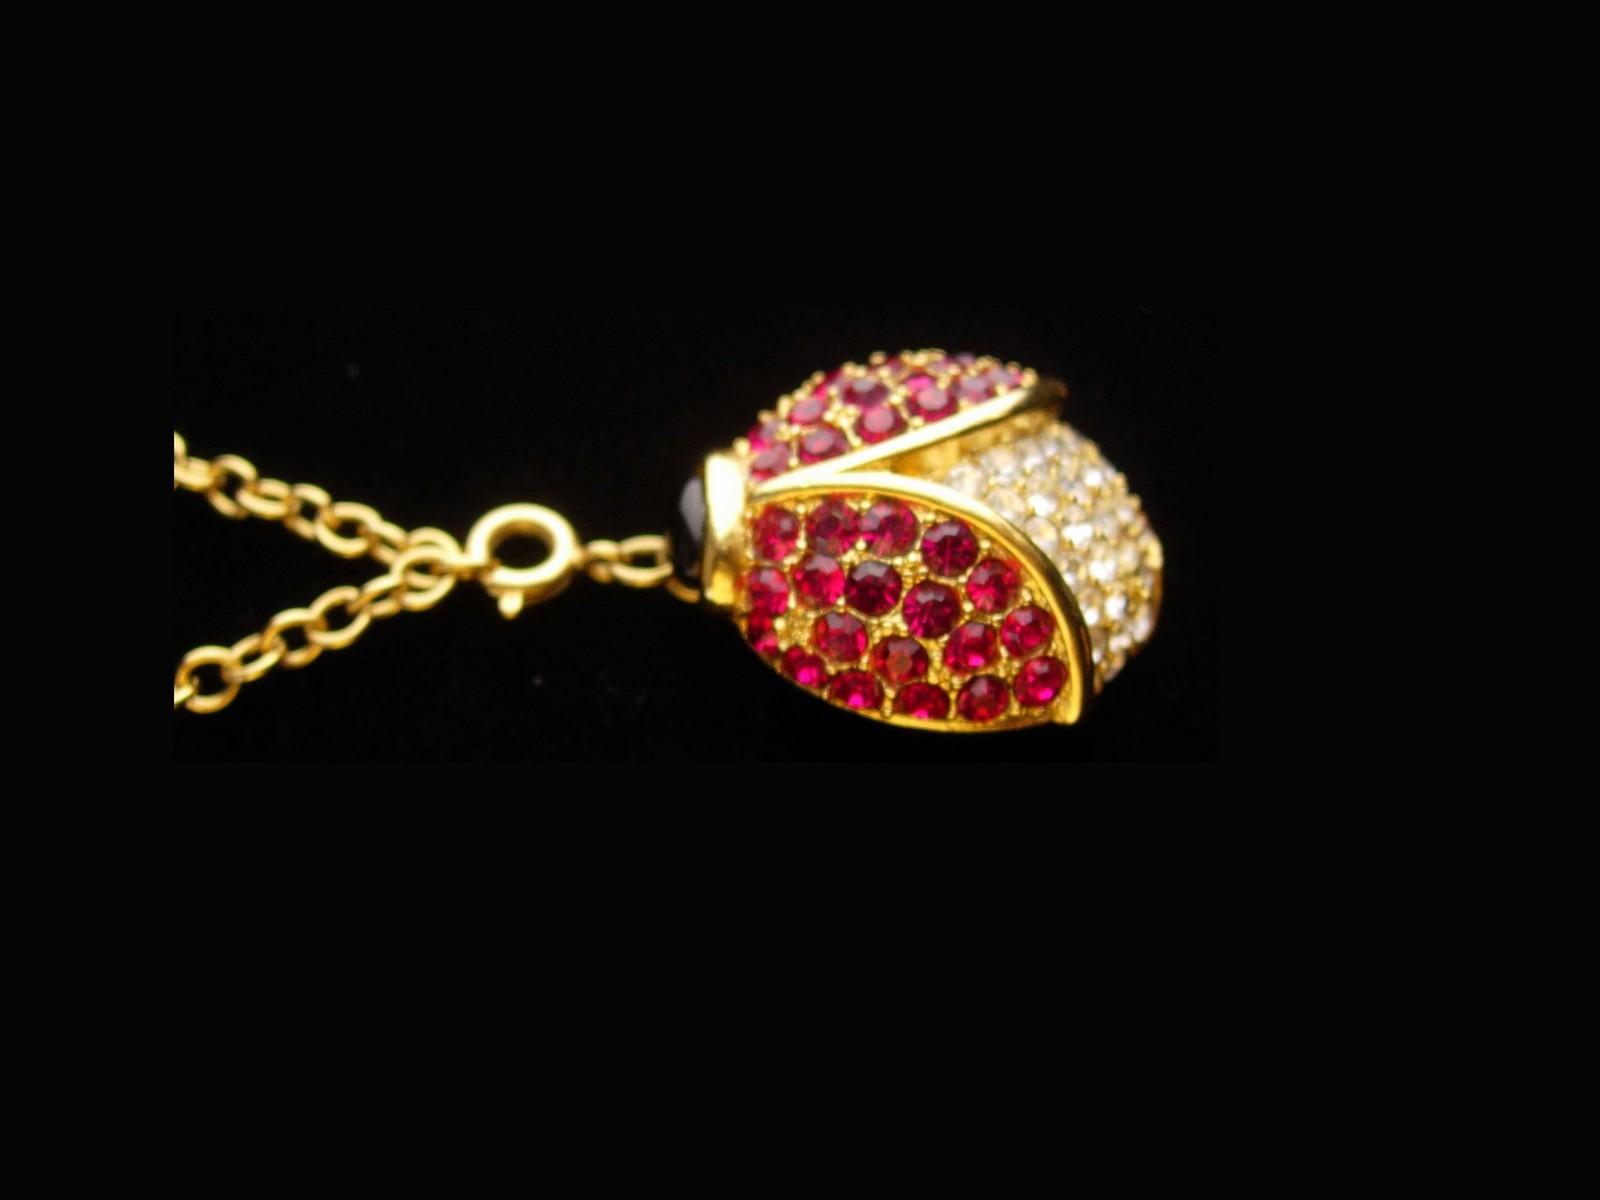 Arlene Dahl necklace - rhinestone Lady Bug - pave crystal Beetle pendant - Gold